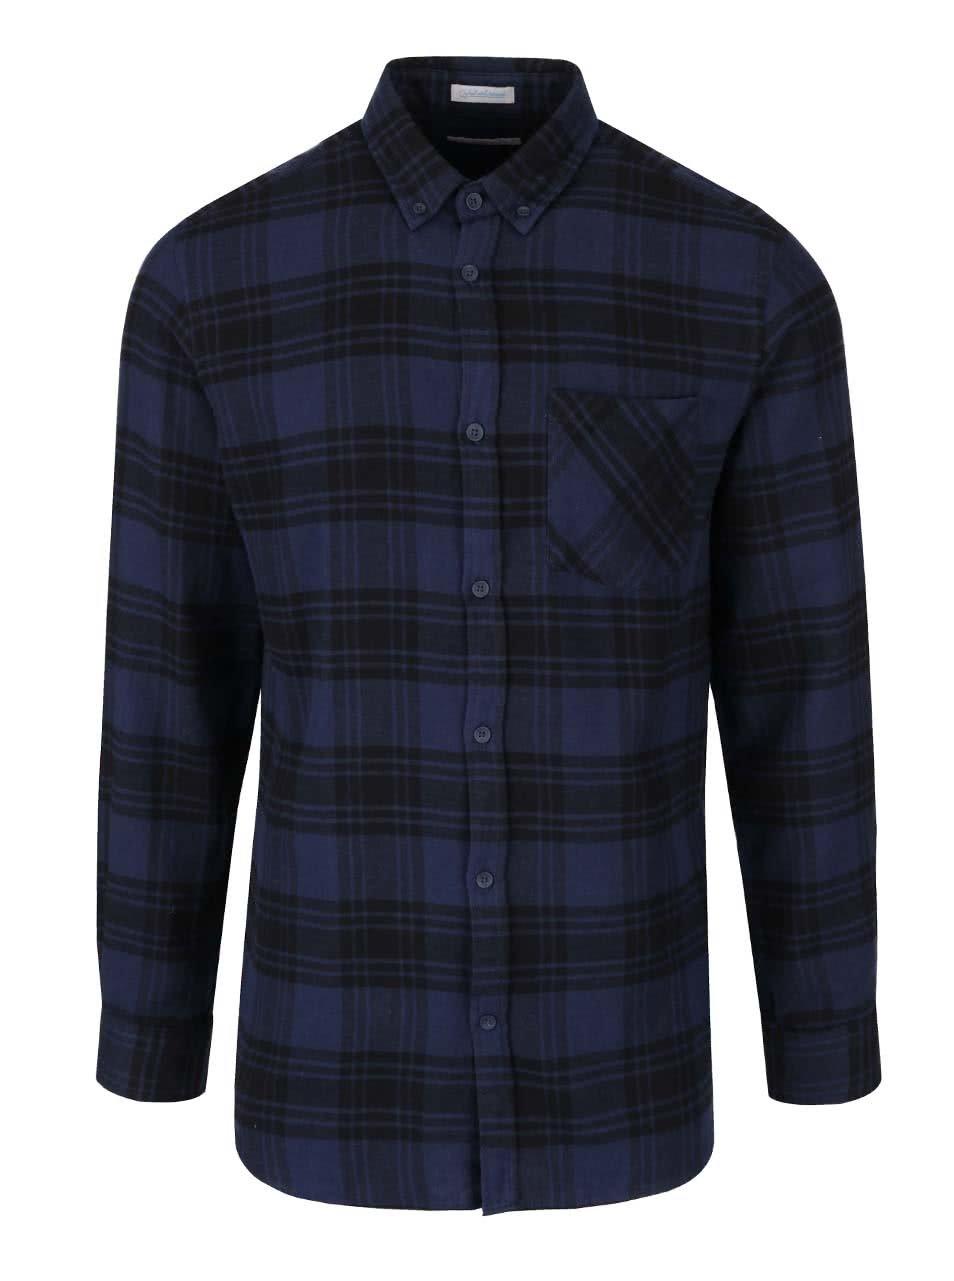 Černo-modrá károvaná flanelová košile Jack & Jones Peter